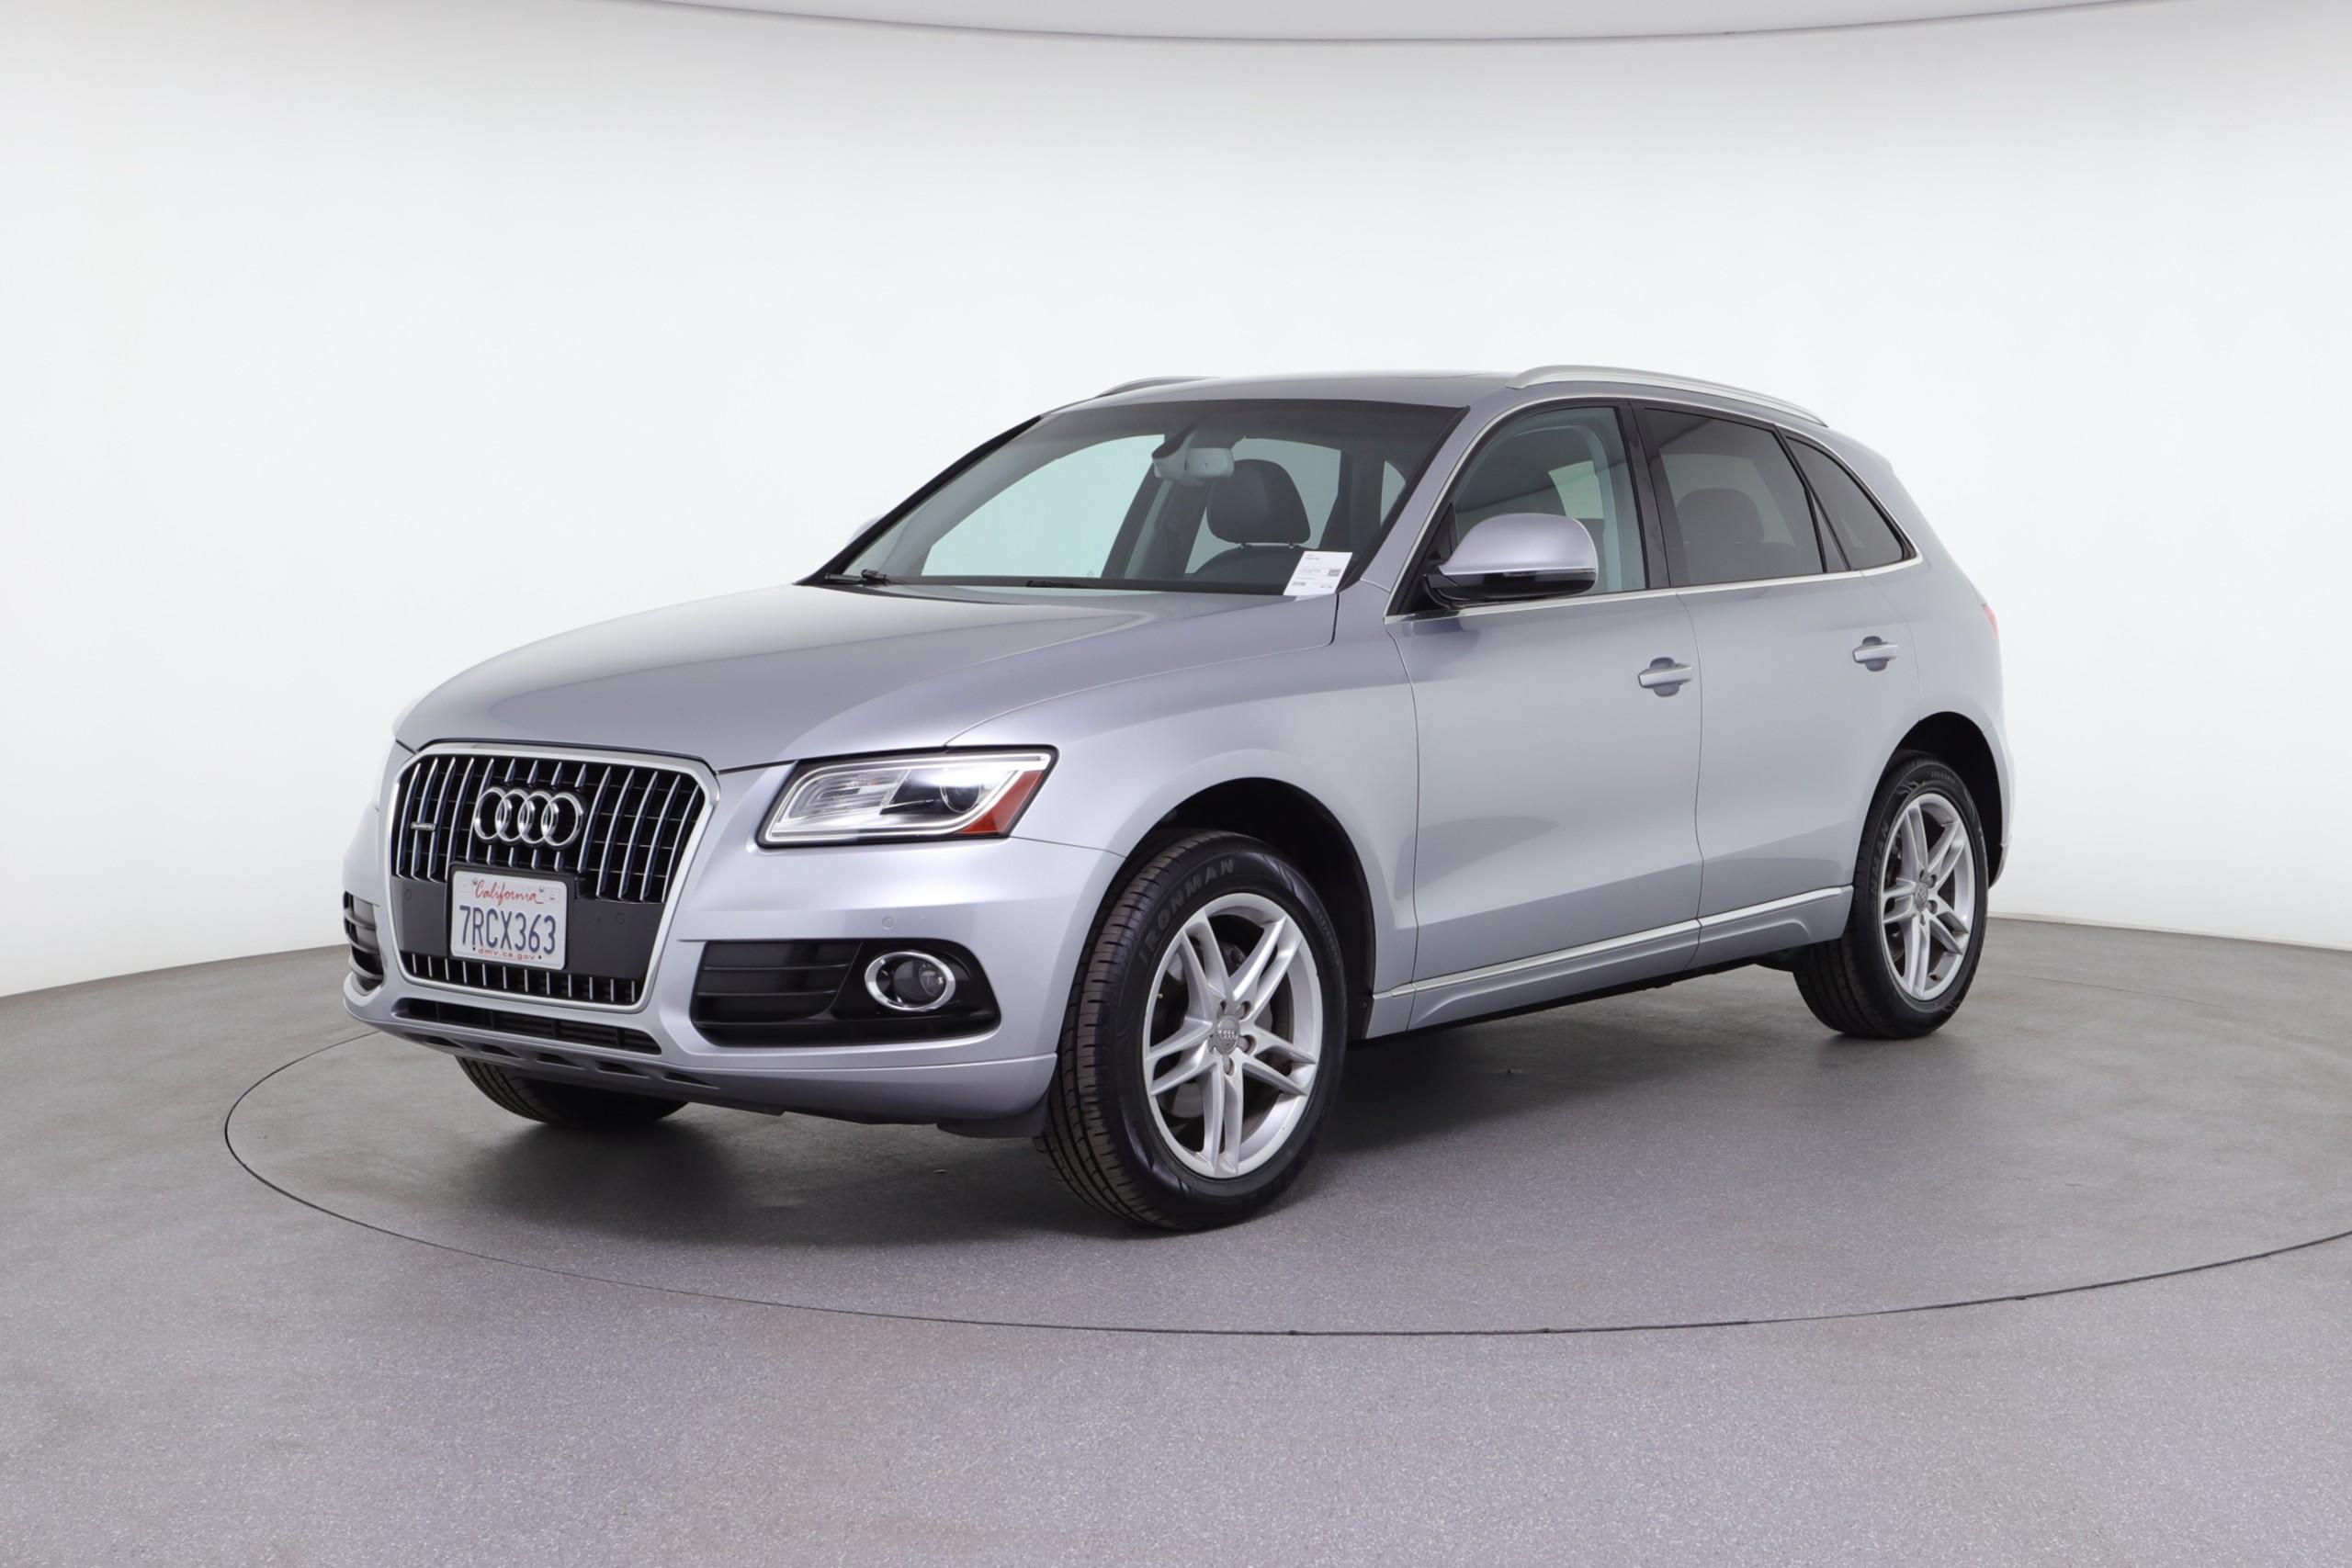 5. Audi Q5